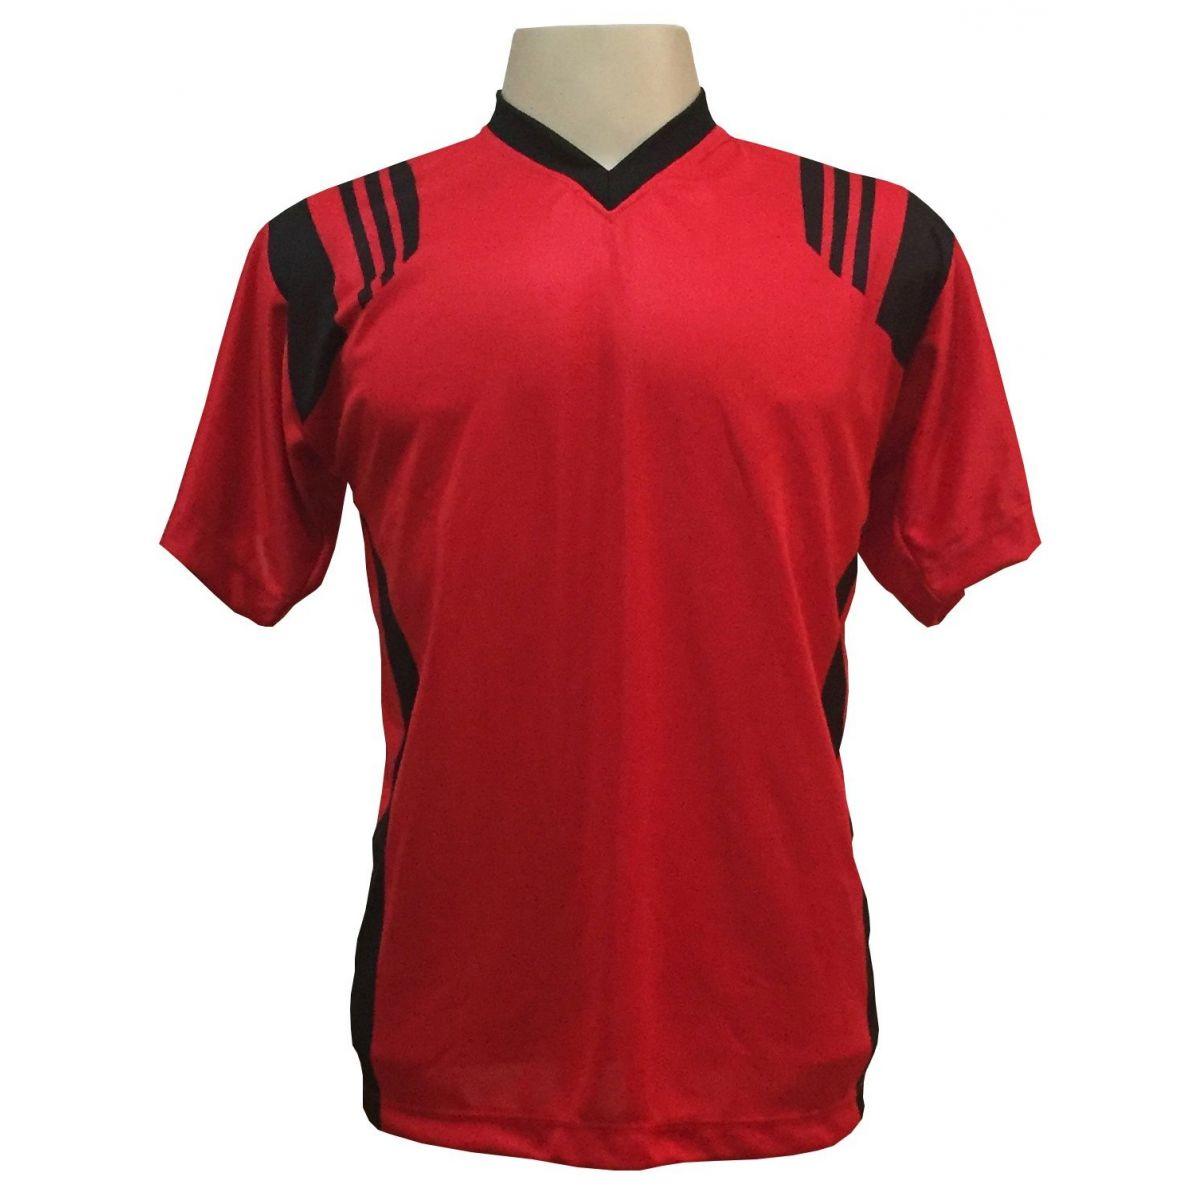 Uniforme Esportivo com 12 Camisas modelo Roma Vermelho/Preto + 12 Calções modelo Copa Preto/Vermelho